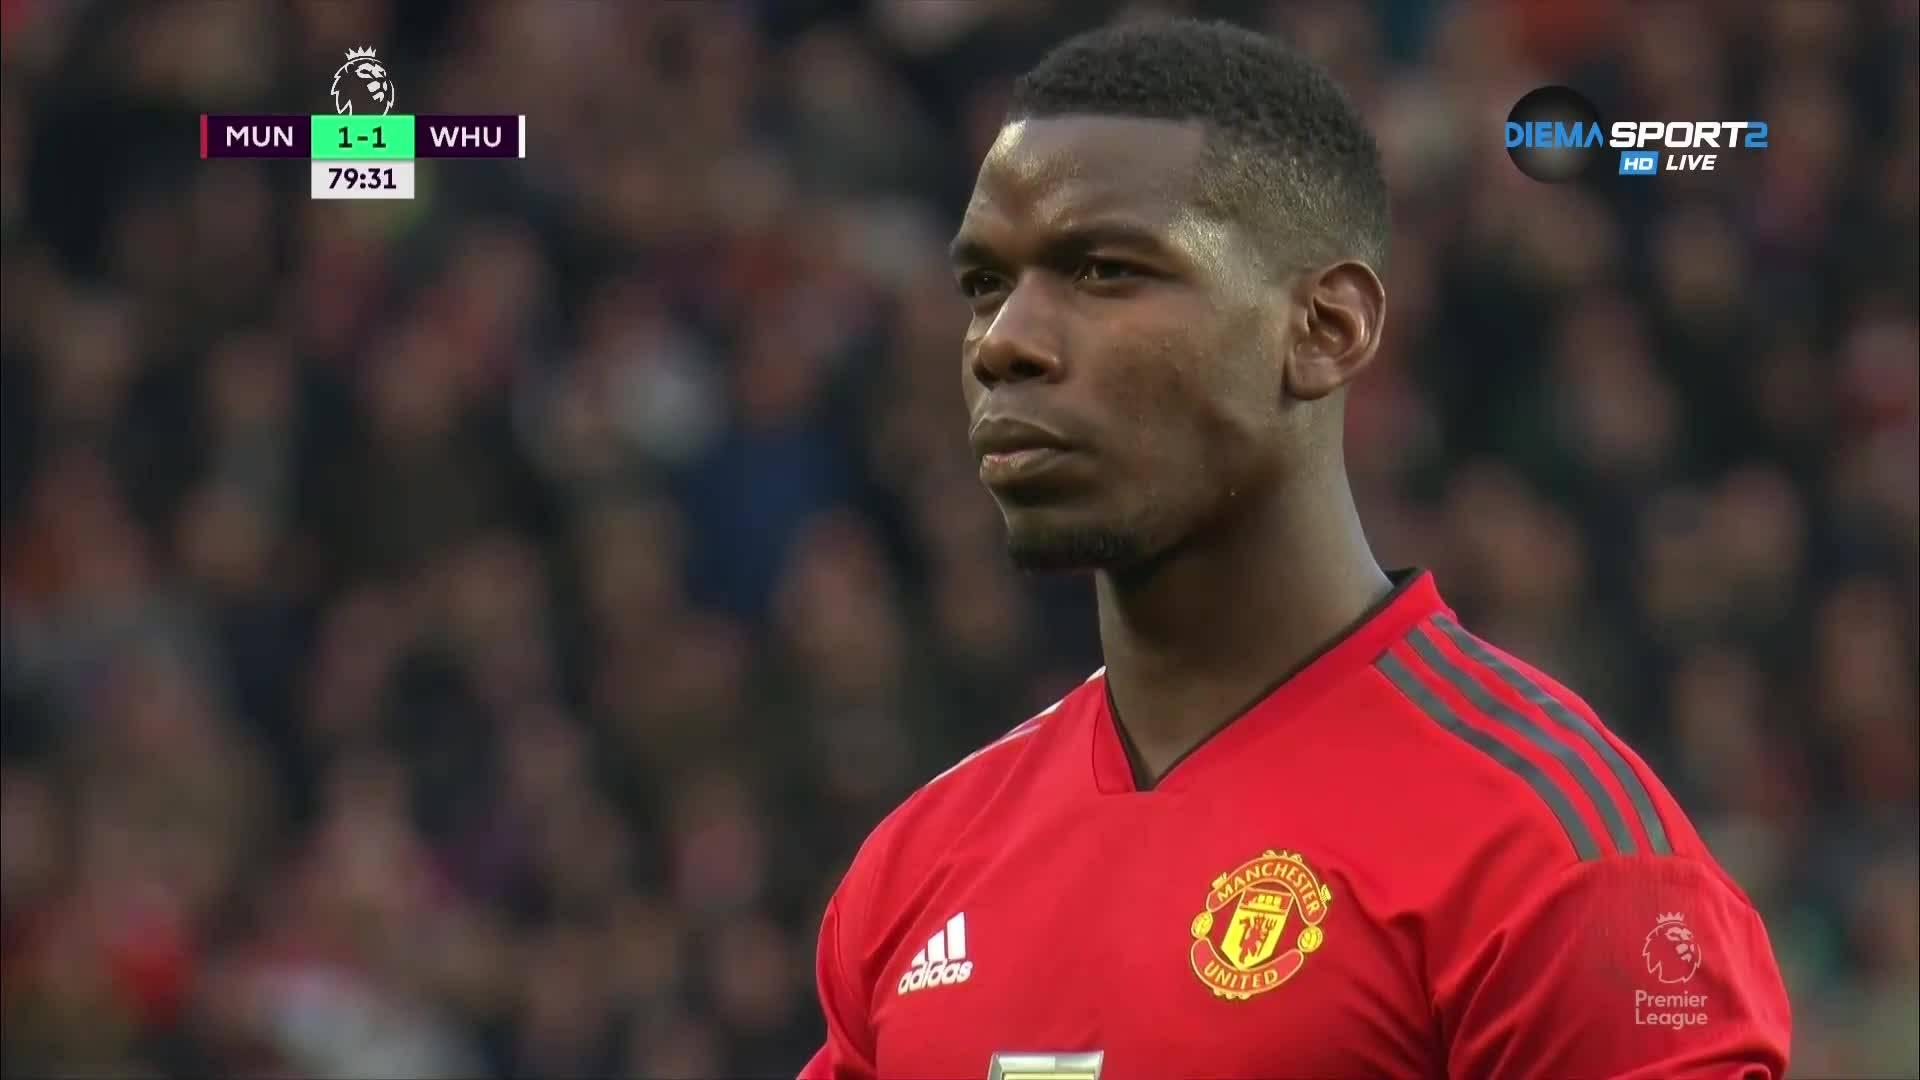 Нова дузпа за Юнайтед, Погба отново точен